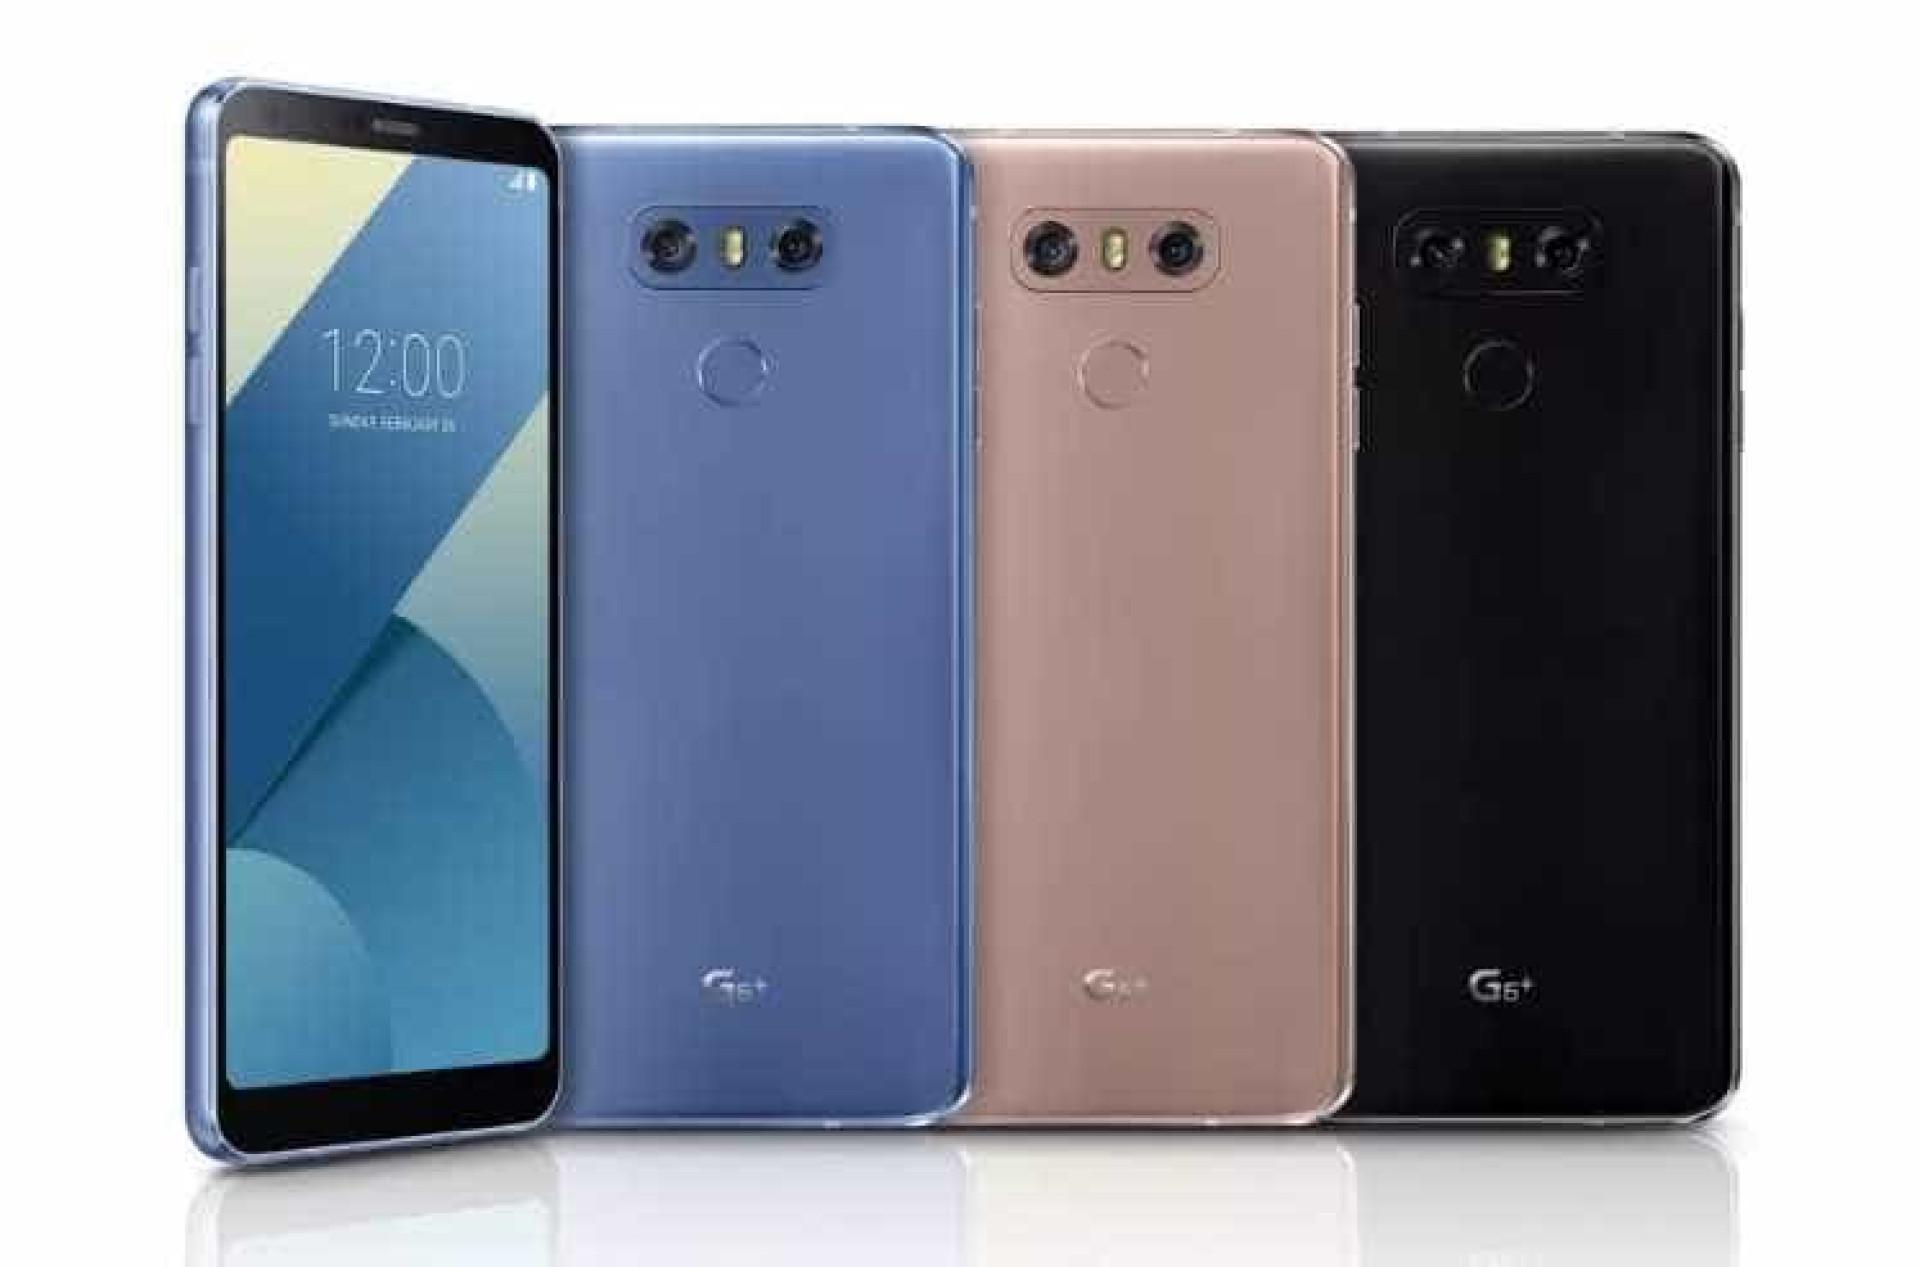 Está a caminho uma nova (e melhor) versão do LG G6